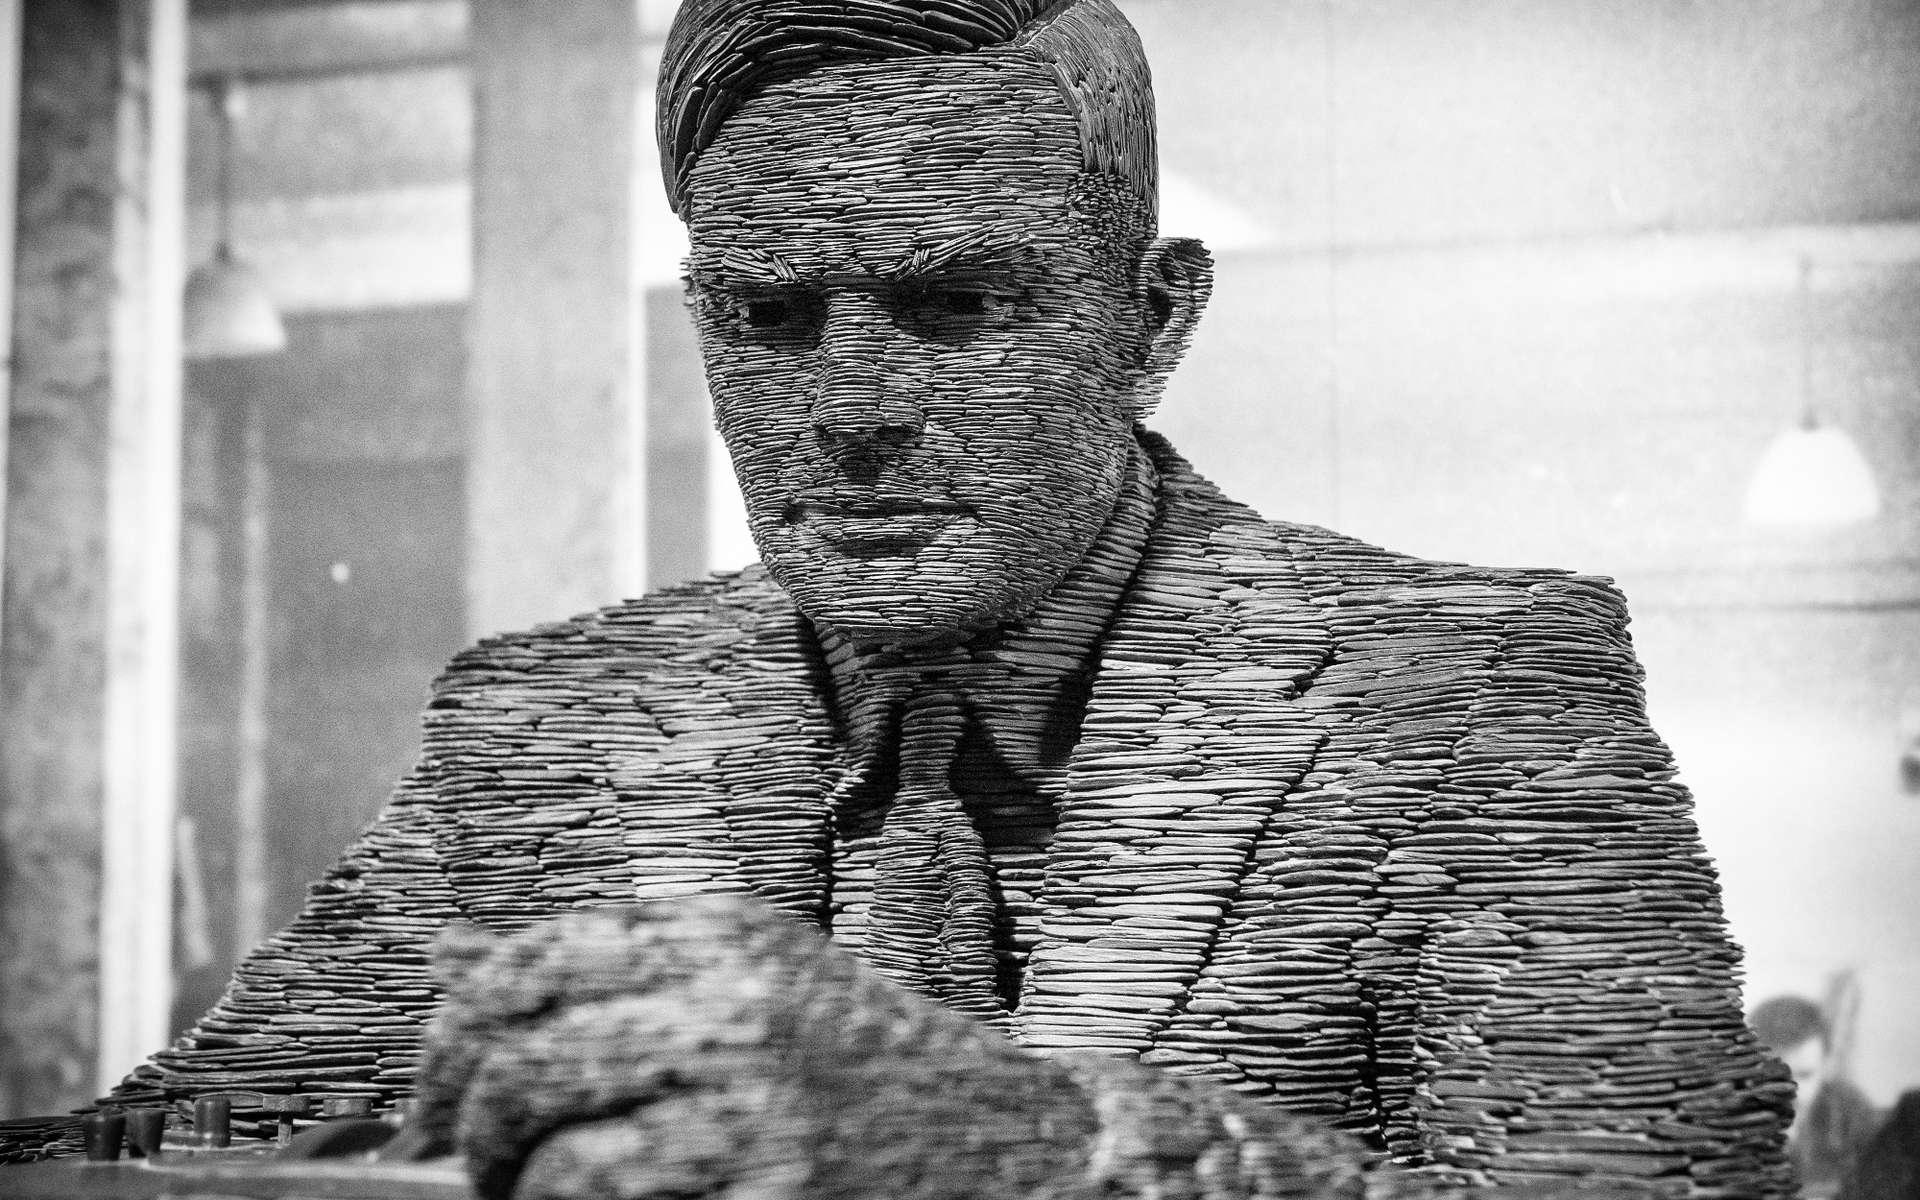 Alan Turing, aujourd'hui célébré mais autrefois persécuté pour son homosexualité, était un brillant mathématicien qui a fait progresser l'informatique. © Lenscap Photography, Shutterstock